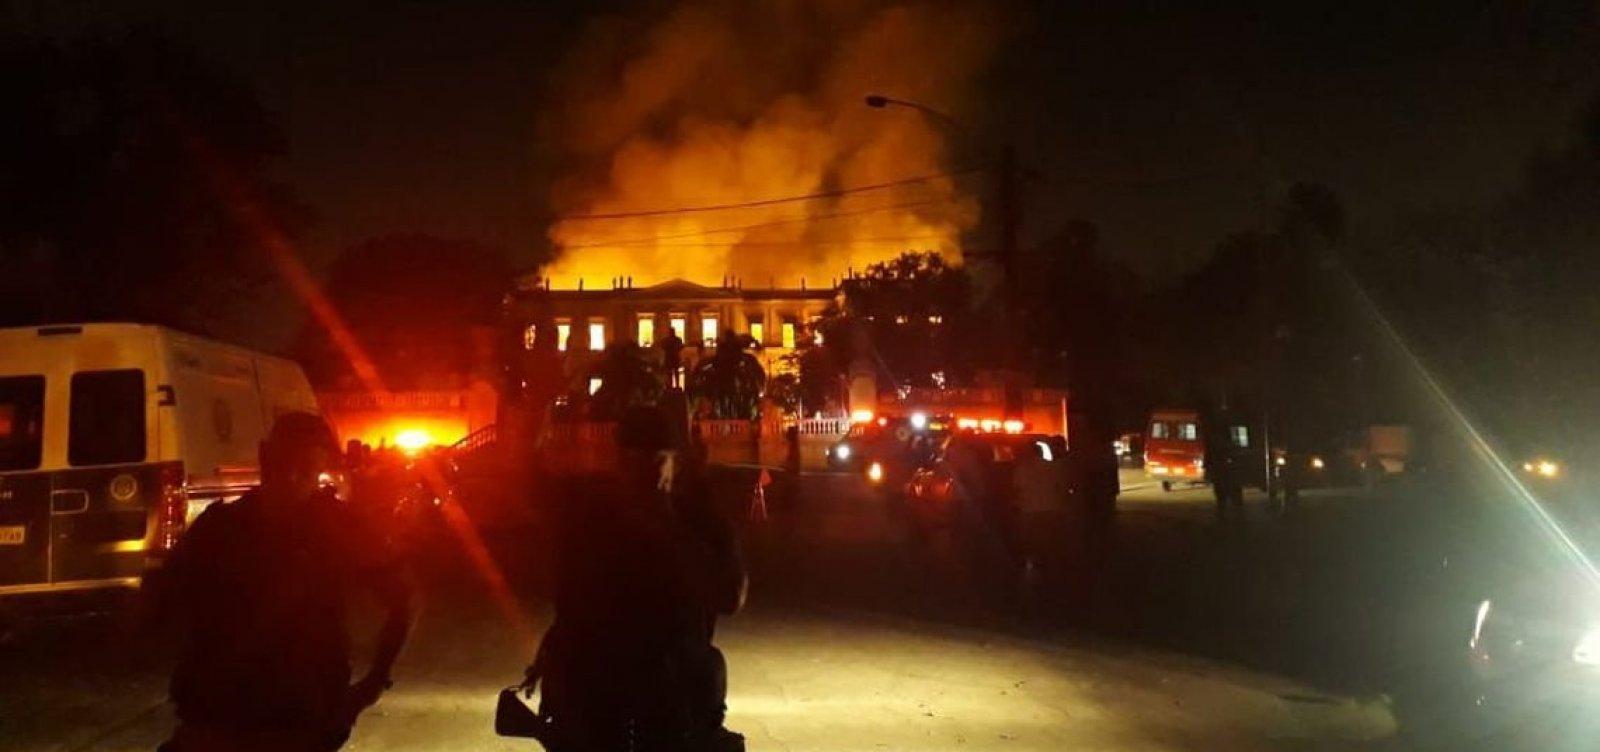 Incêndio no Museu Nacional aconteceu devido a 'gambiarras' elétricas